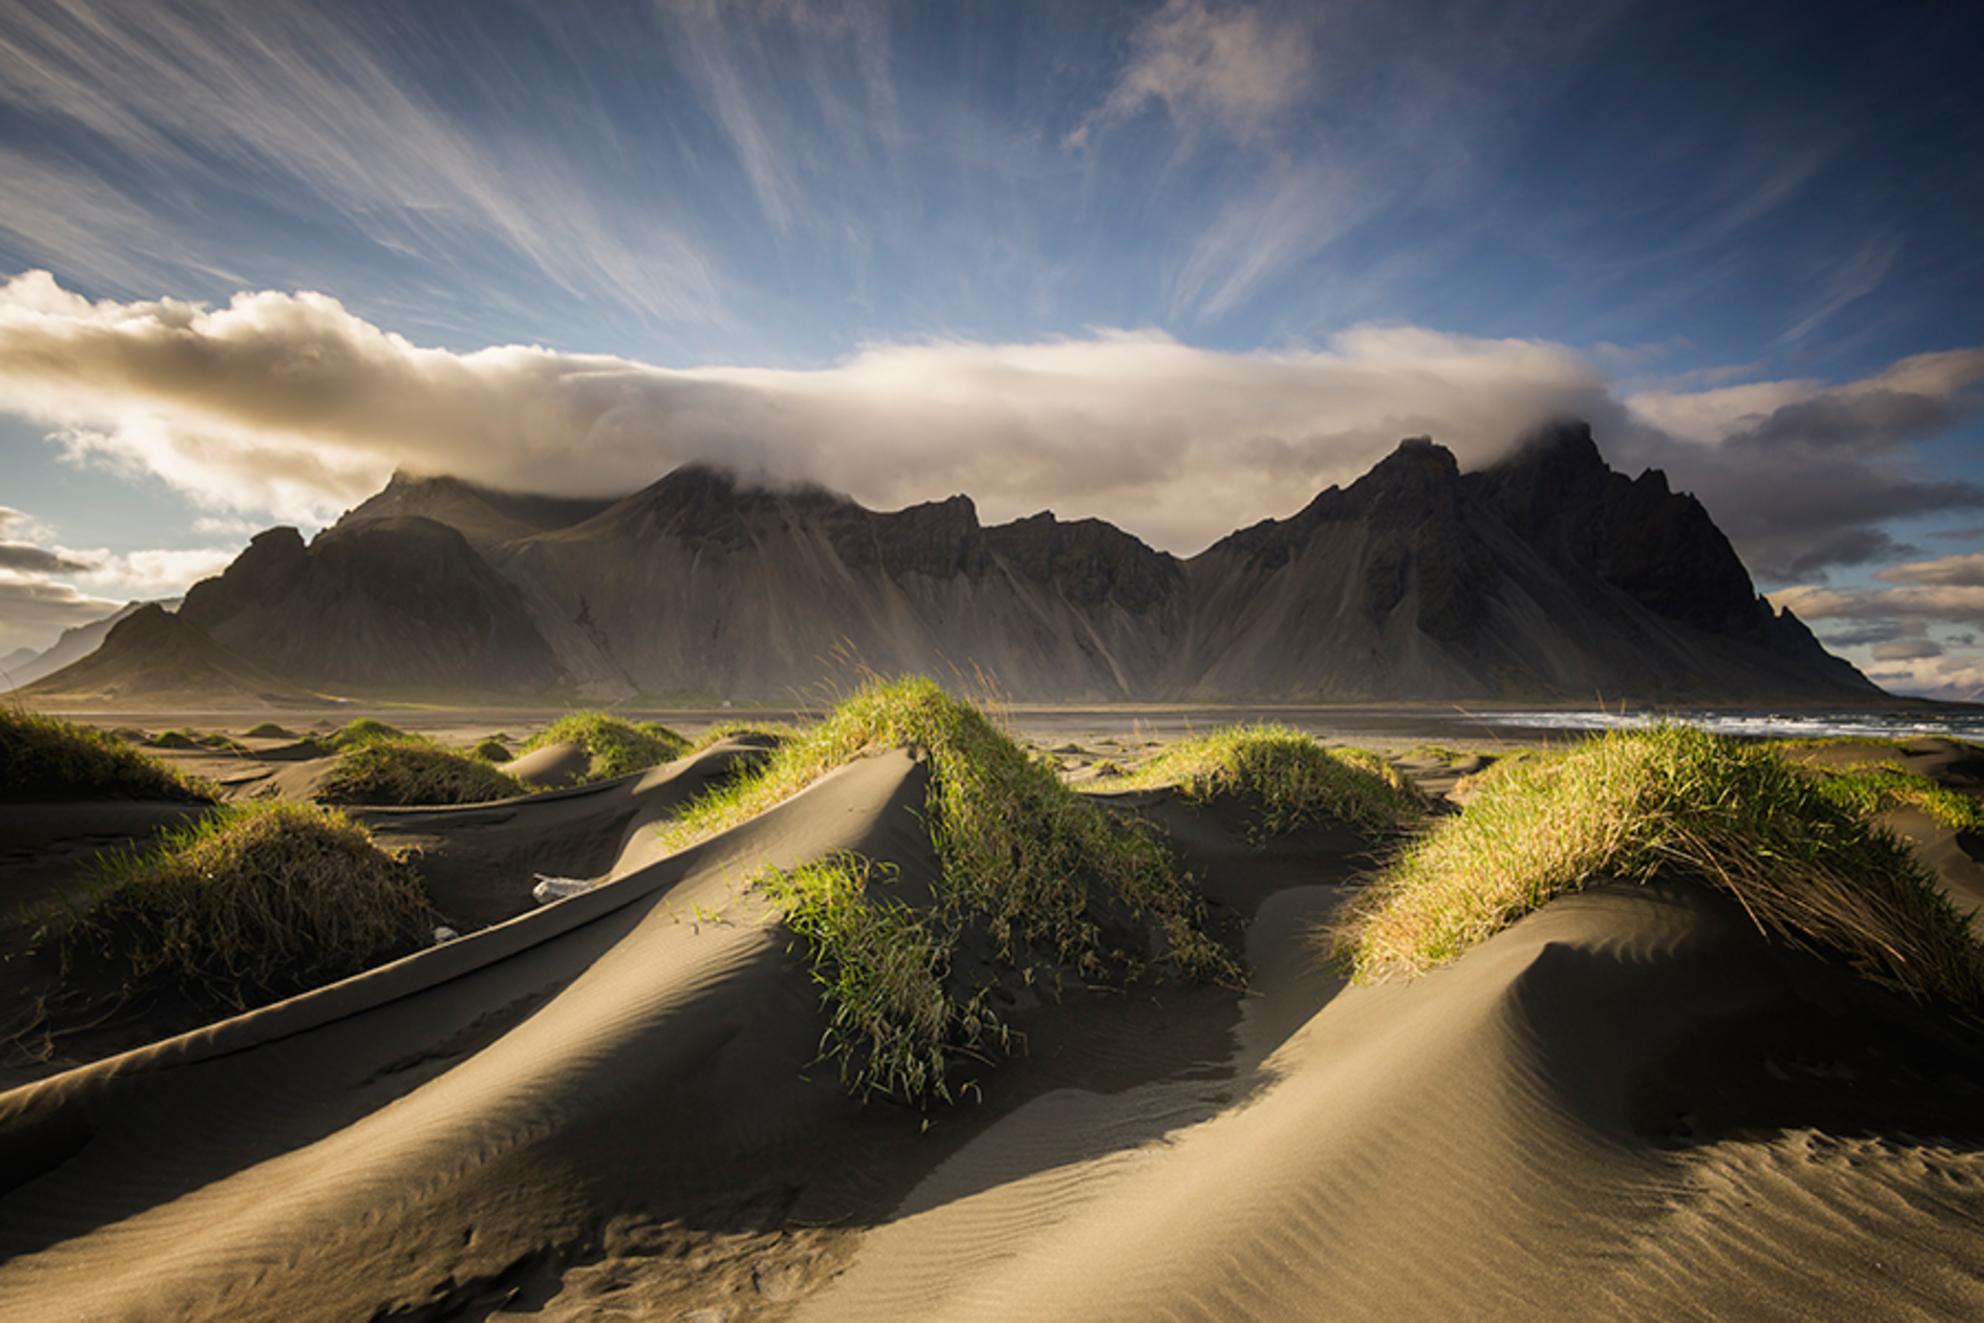 The Mountain - Bedankt voor het kijken :) - foto door EugeneK op 22-07-2015 - deze foto bevat: lucht, strand, duinen, ijsland, kust, berg - Deze foto mag gebruikt worden in een Zoom.nl publicatie